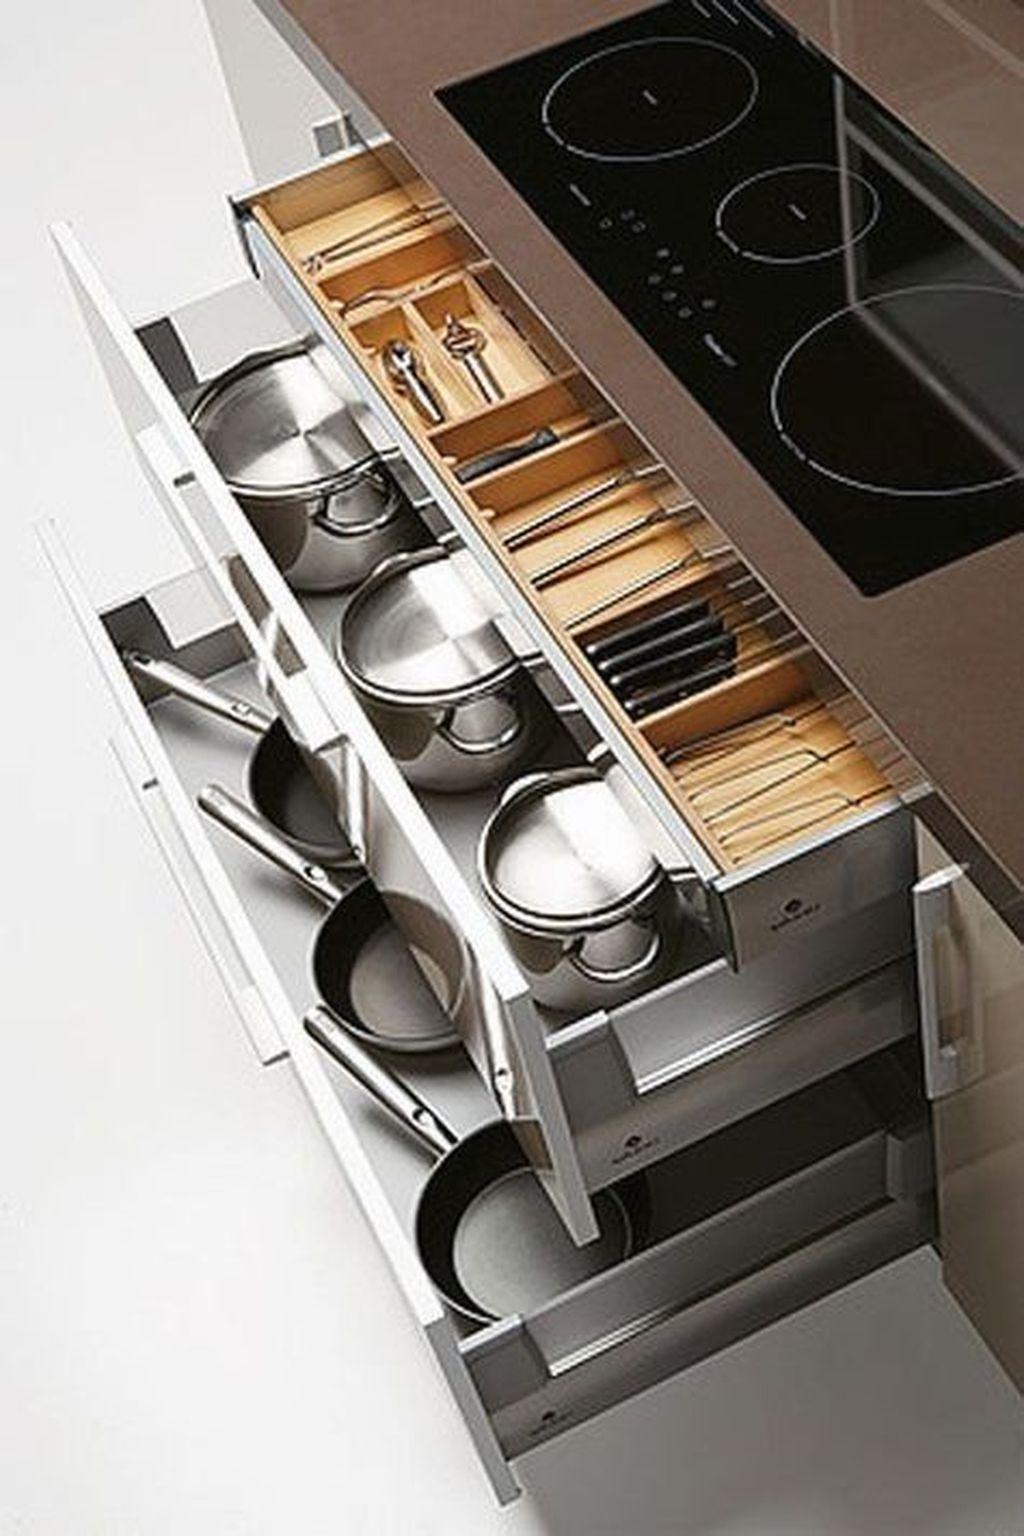 Best Design Ideas For Kitchen Organization Cabinets 33